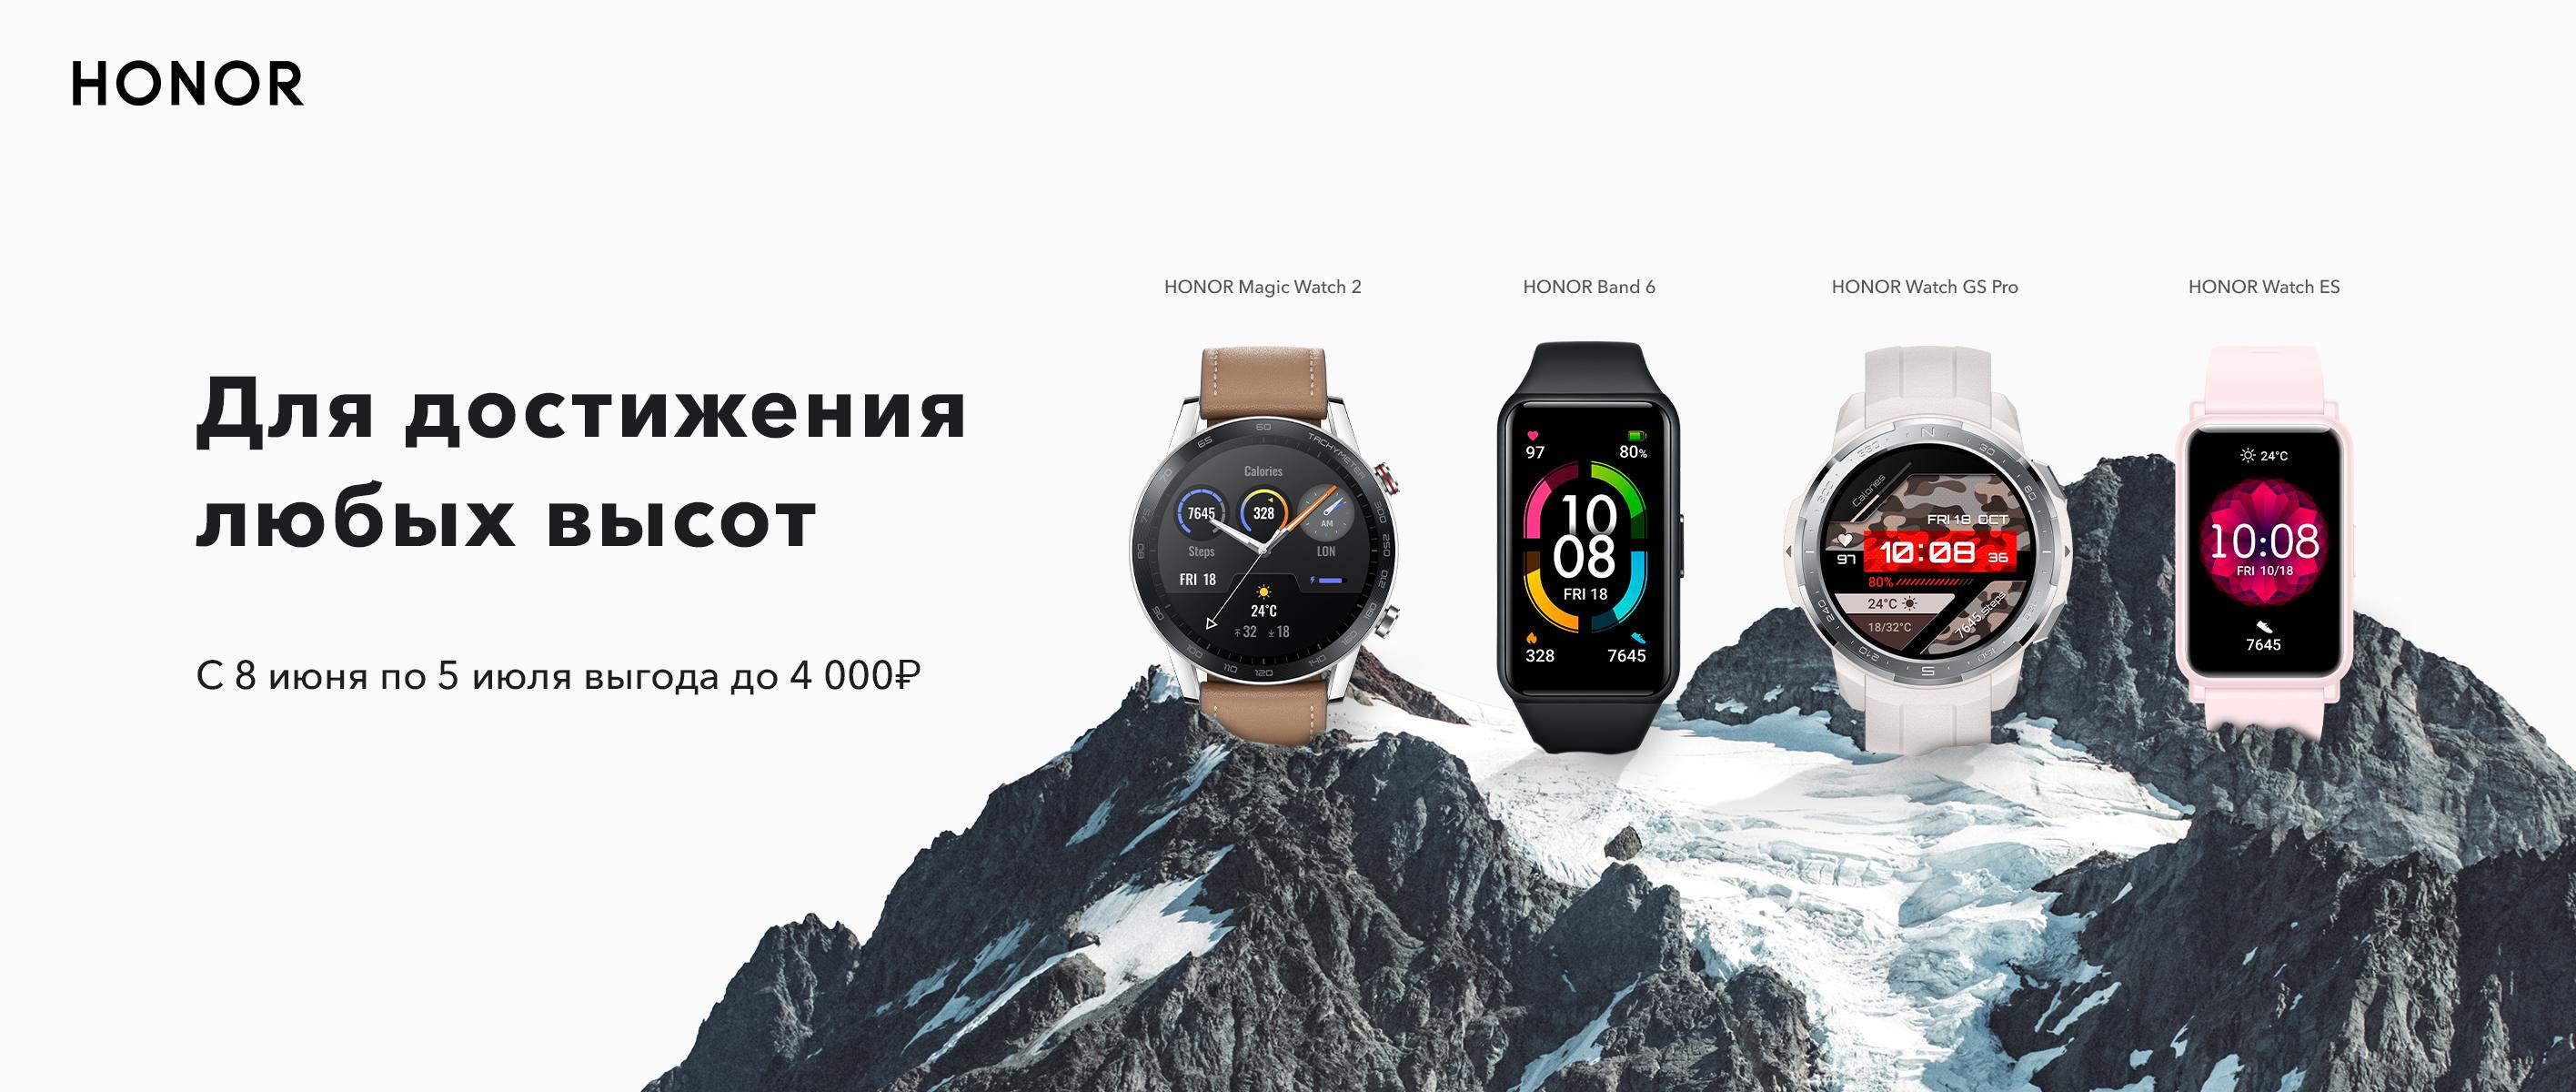 Умные часы Honor продают россиянам со скидкой